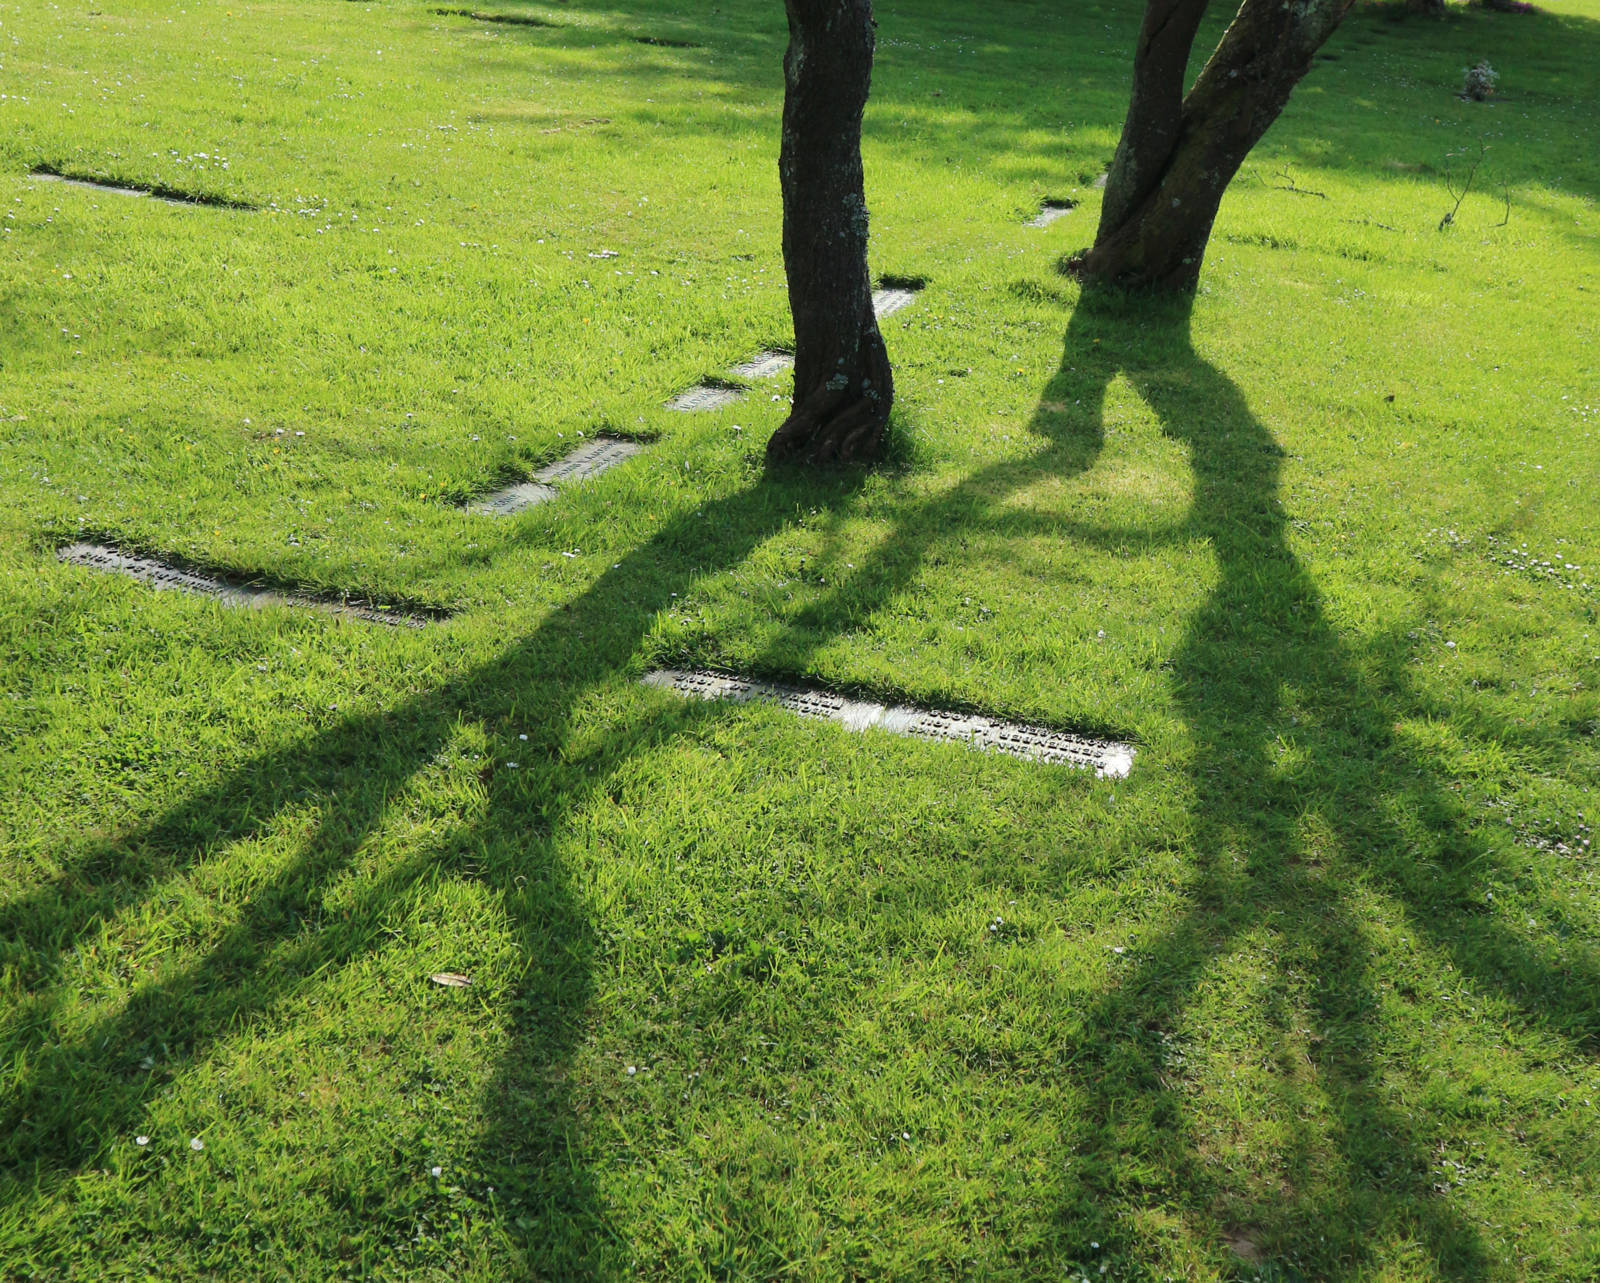 http://drakememorialpark.co.uk/upload/gallery_image/7208e4270319114701.JPG